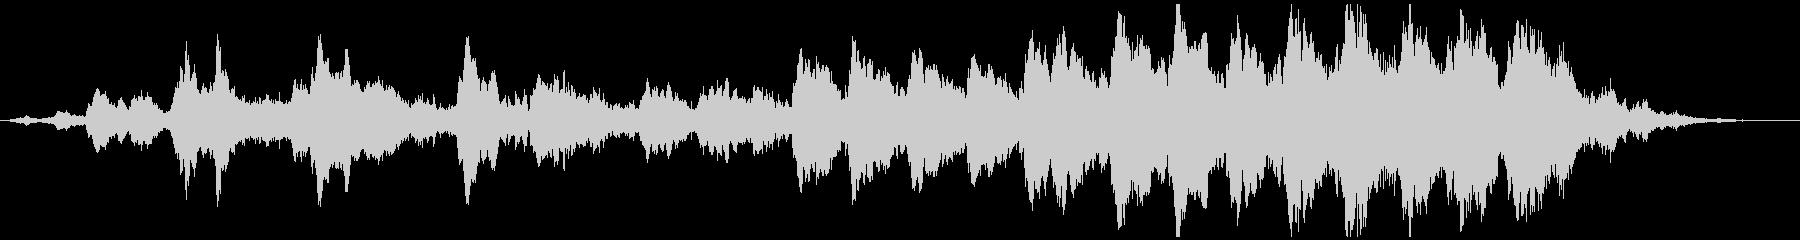 プログレッシブ 交響曲 ファンタジ...の未再生の波形